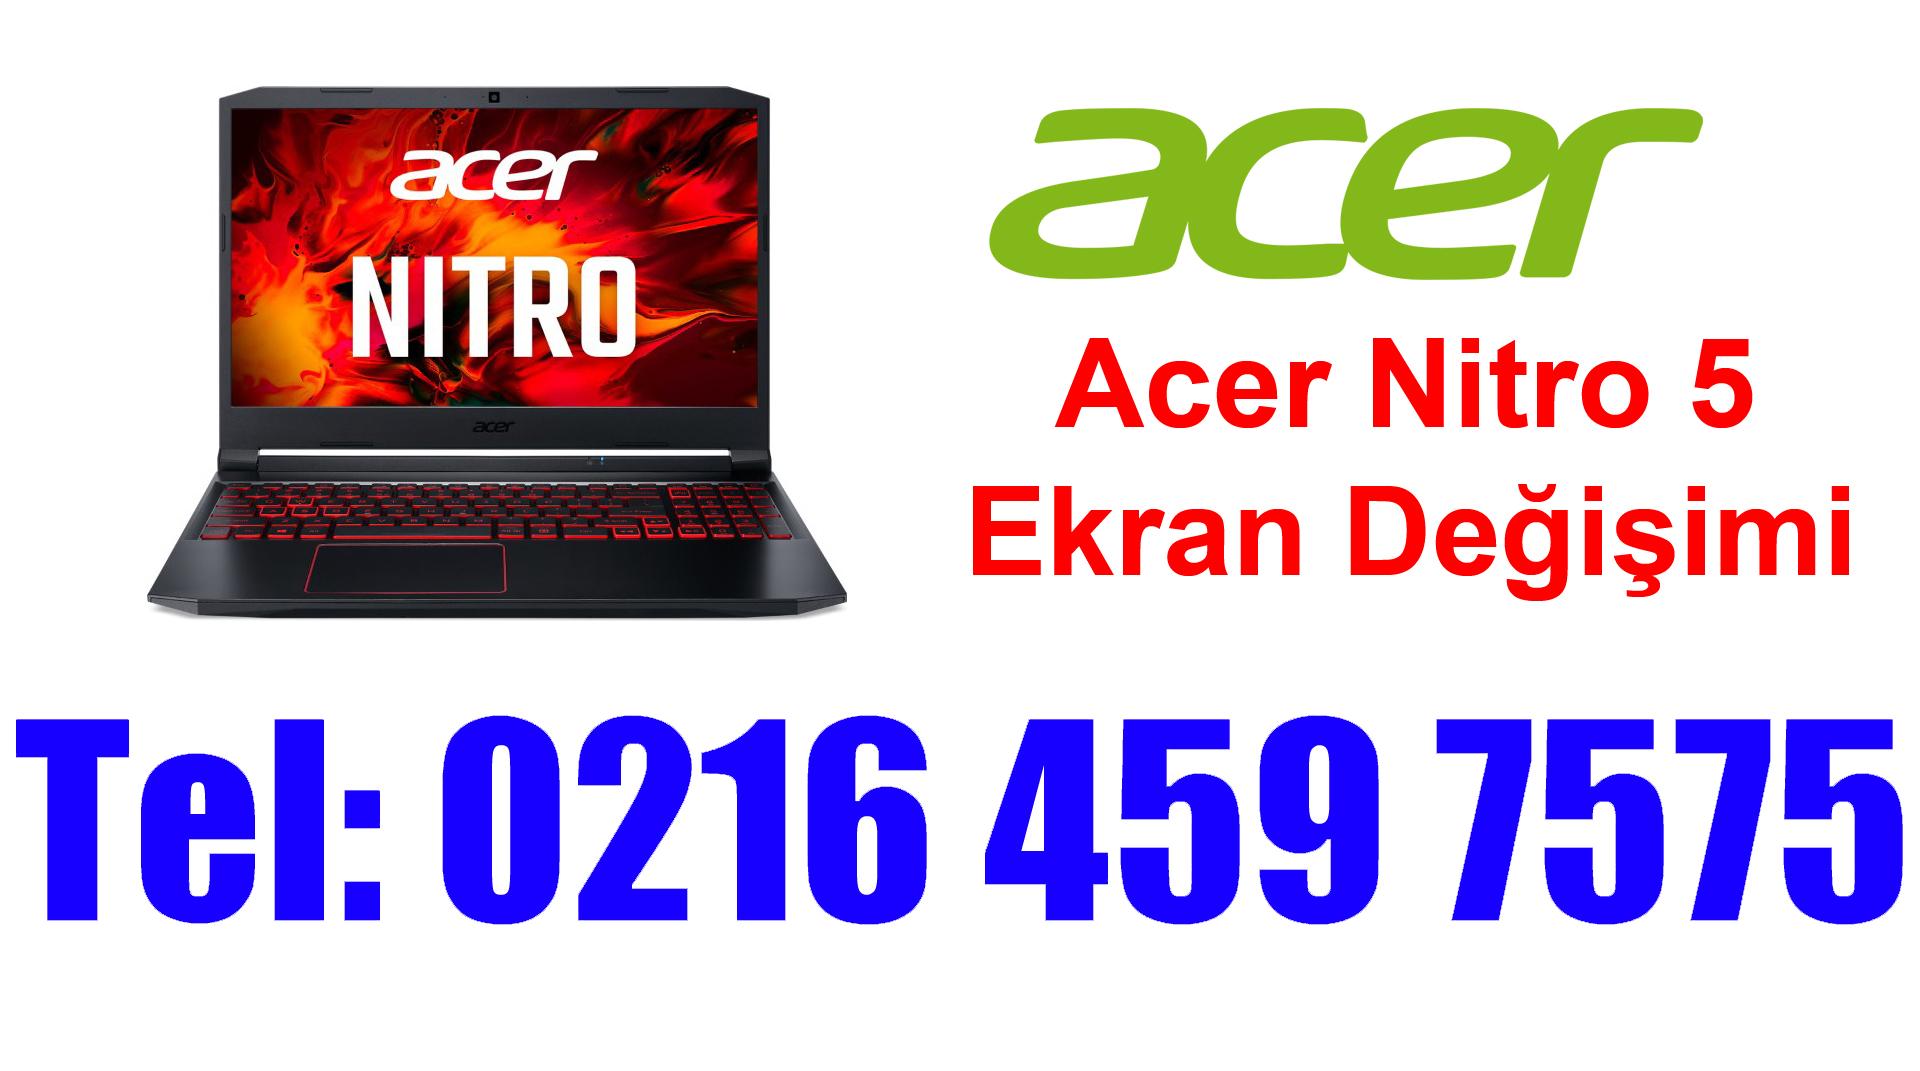 Acer Nitro 5 Ekran Değişimi